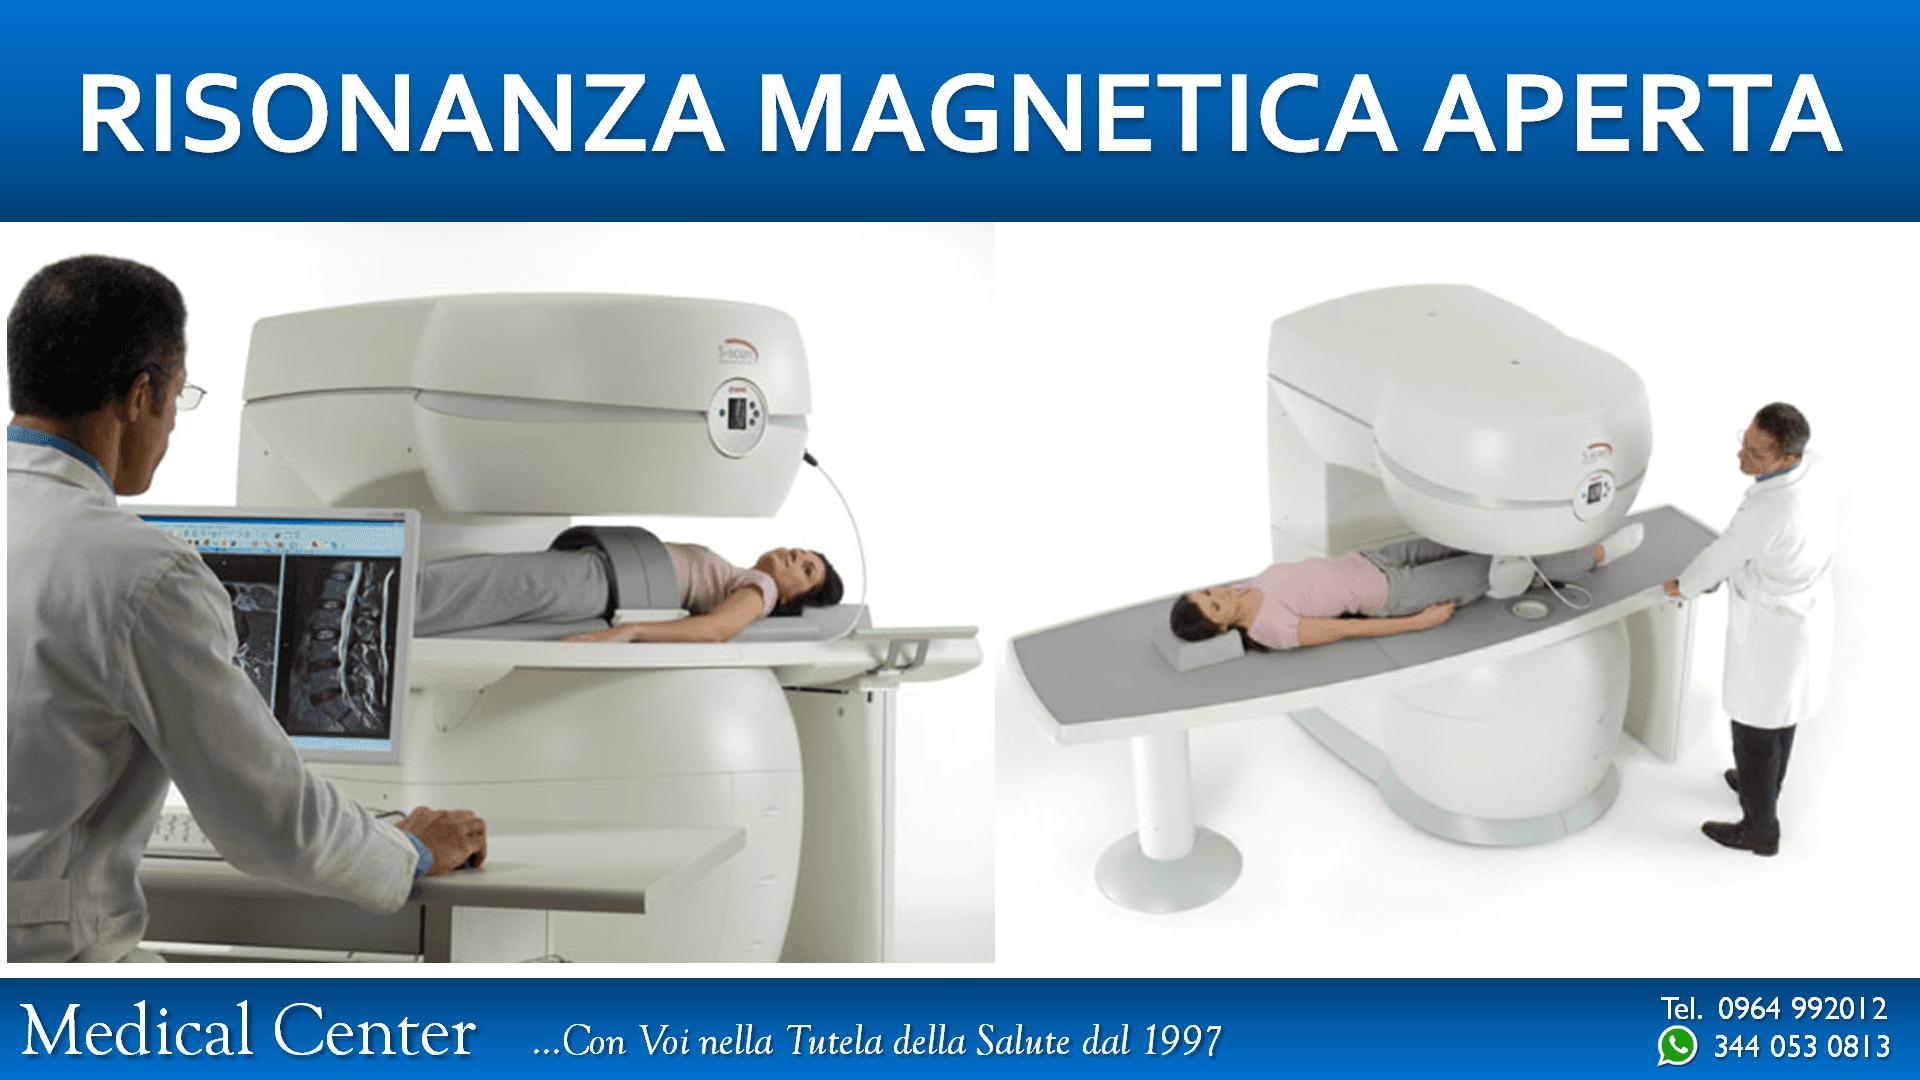 madico esegue risonanza magnetica a paziente distesa su macchinario